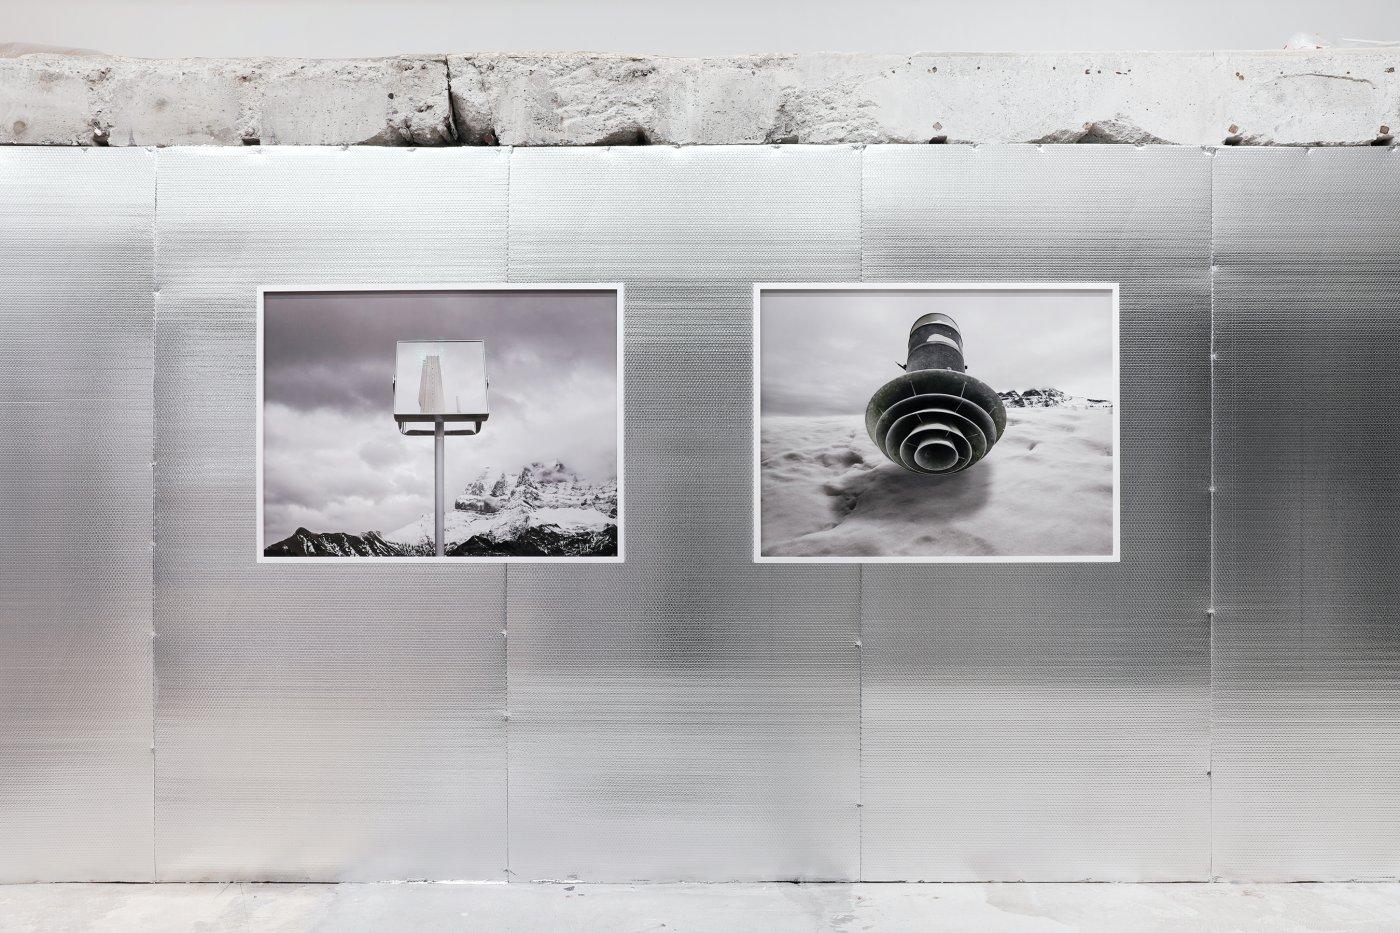 Jorge Conde, vue d'exposition, 2020, Galerie Fabienne Levy